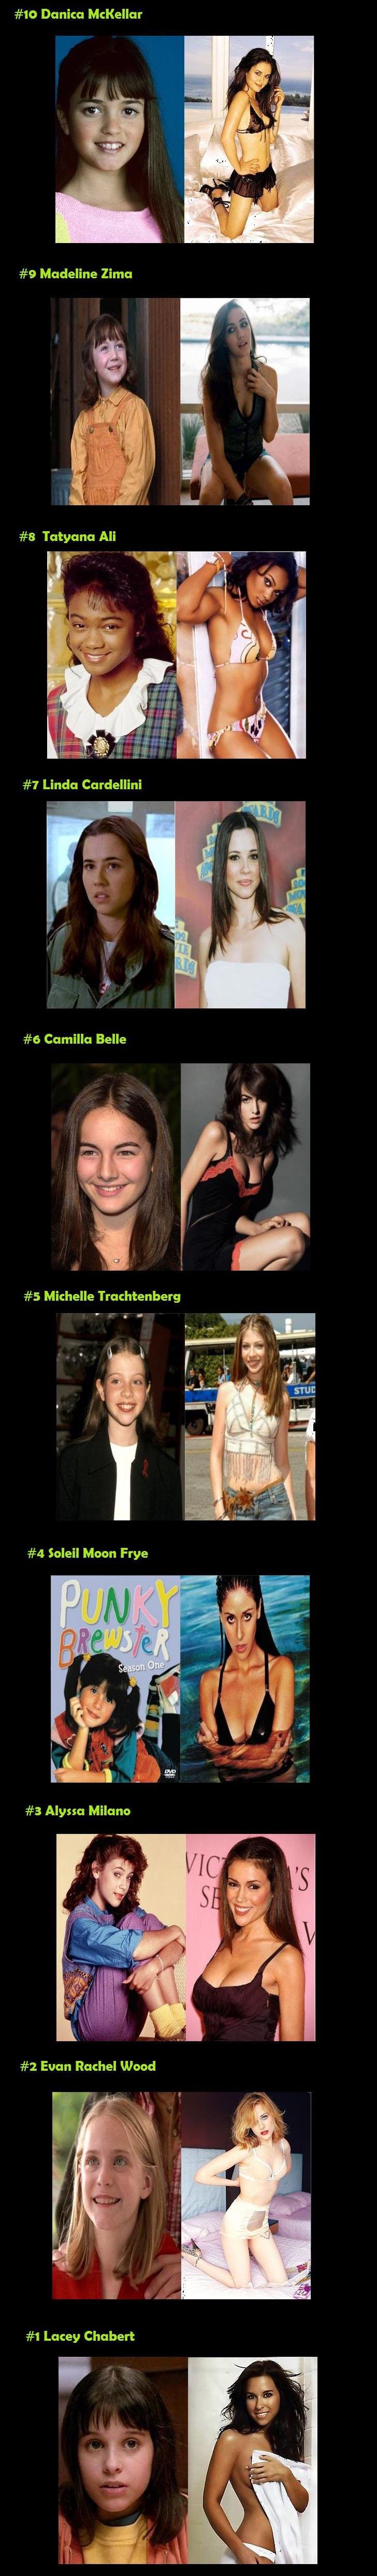 hot actresses